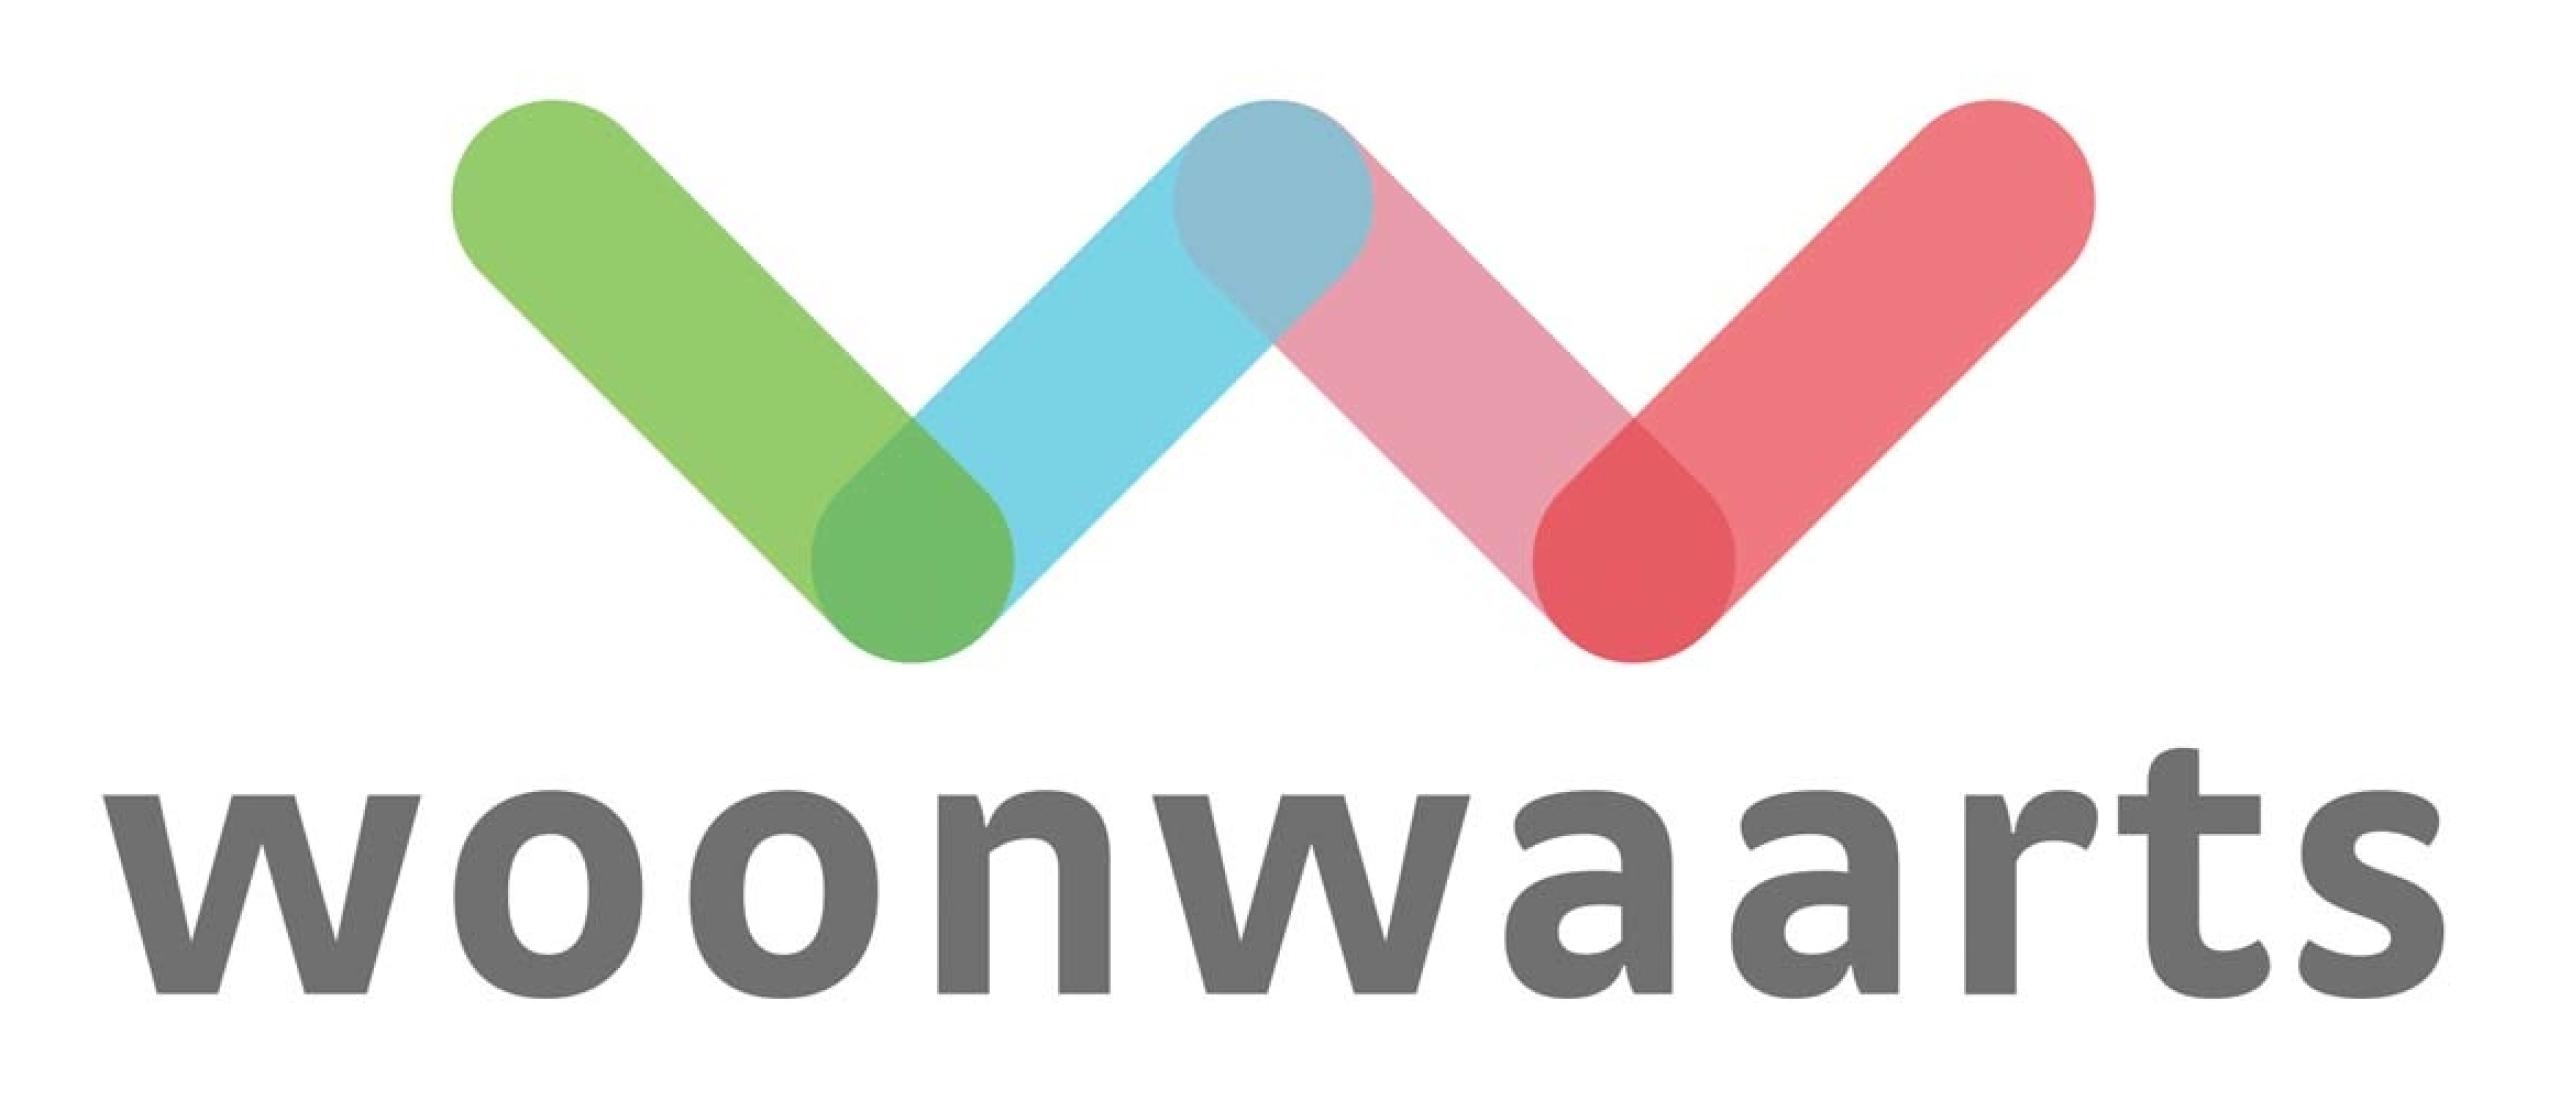 Woonwaarts | Best Practice | Controle & Audit